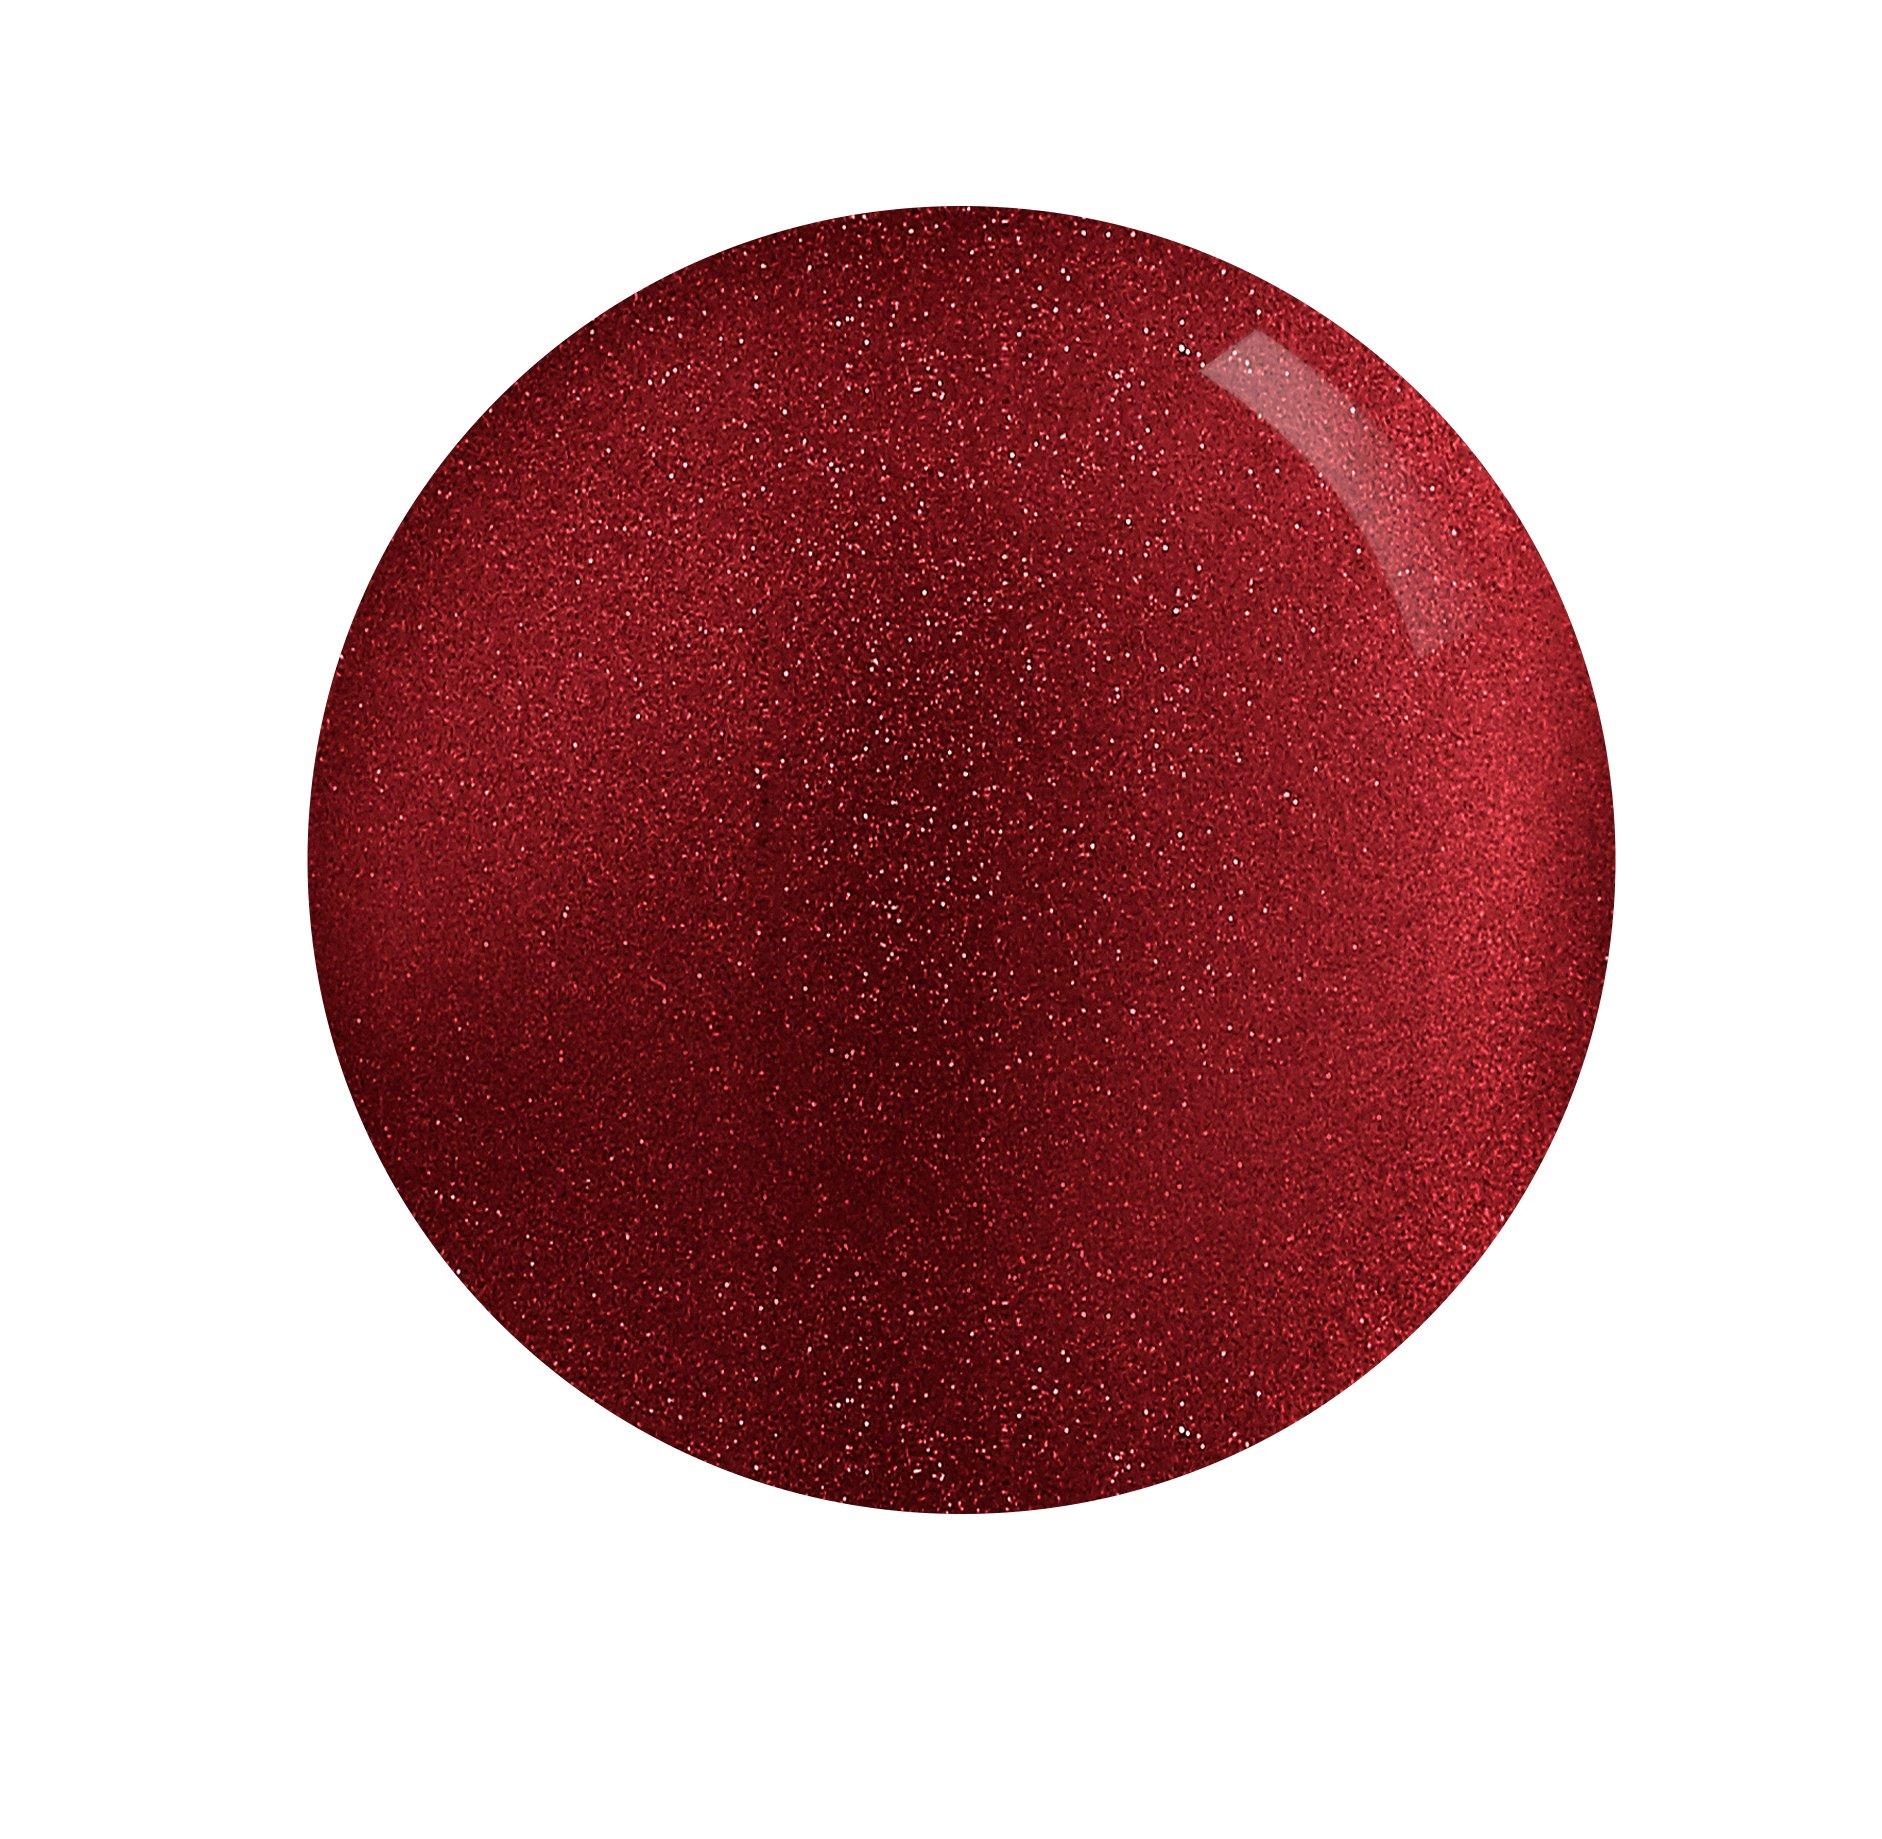 Esmalte de uñas Rimmel London 15Year Collection Rock 'N' Sparkle, rojo oscuro